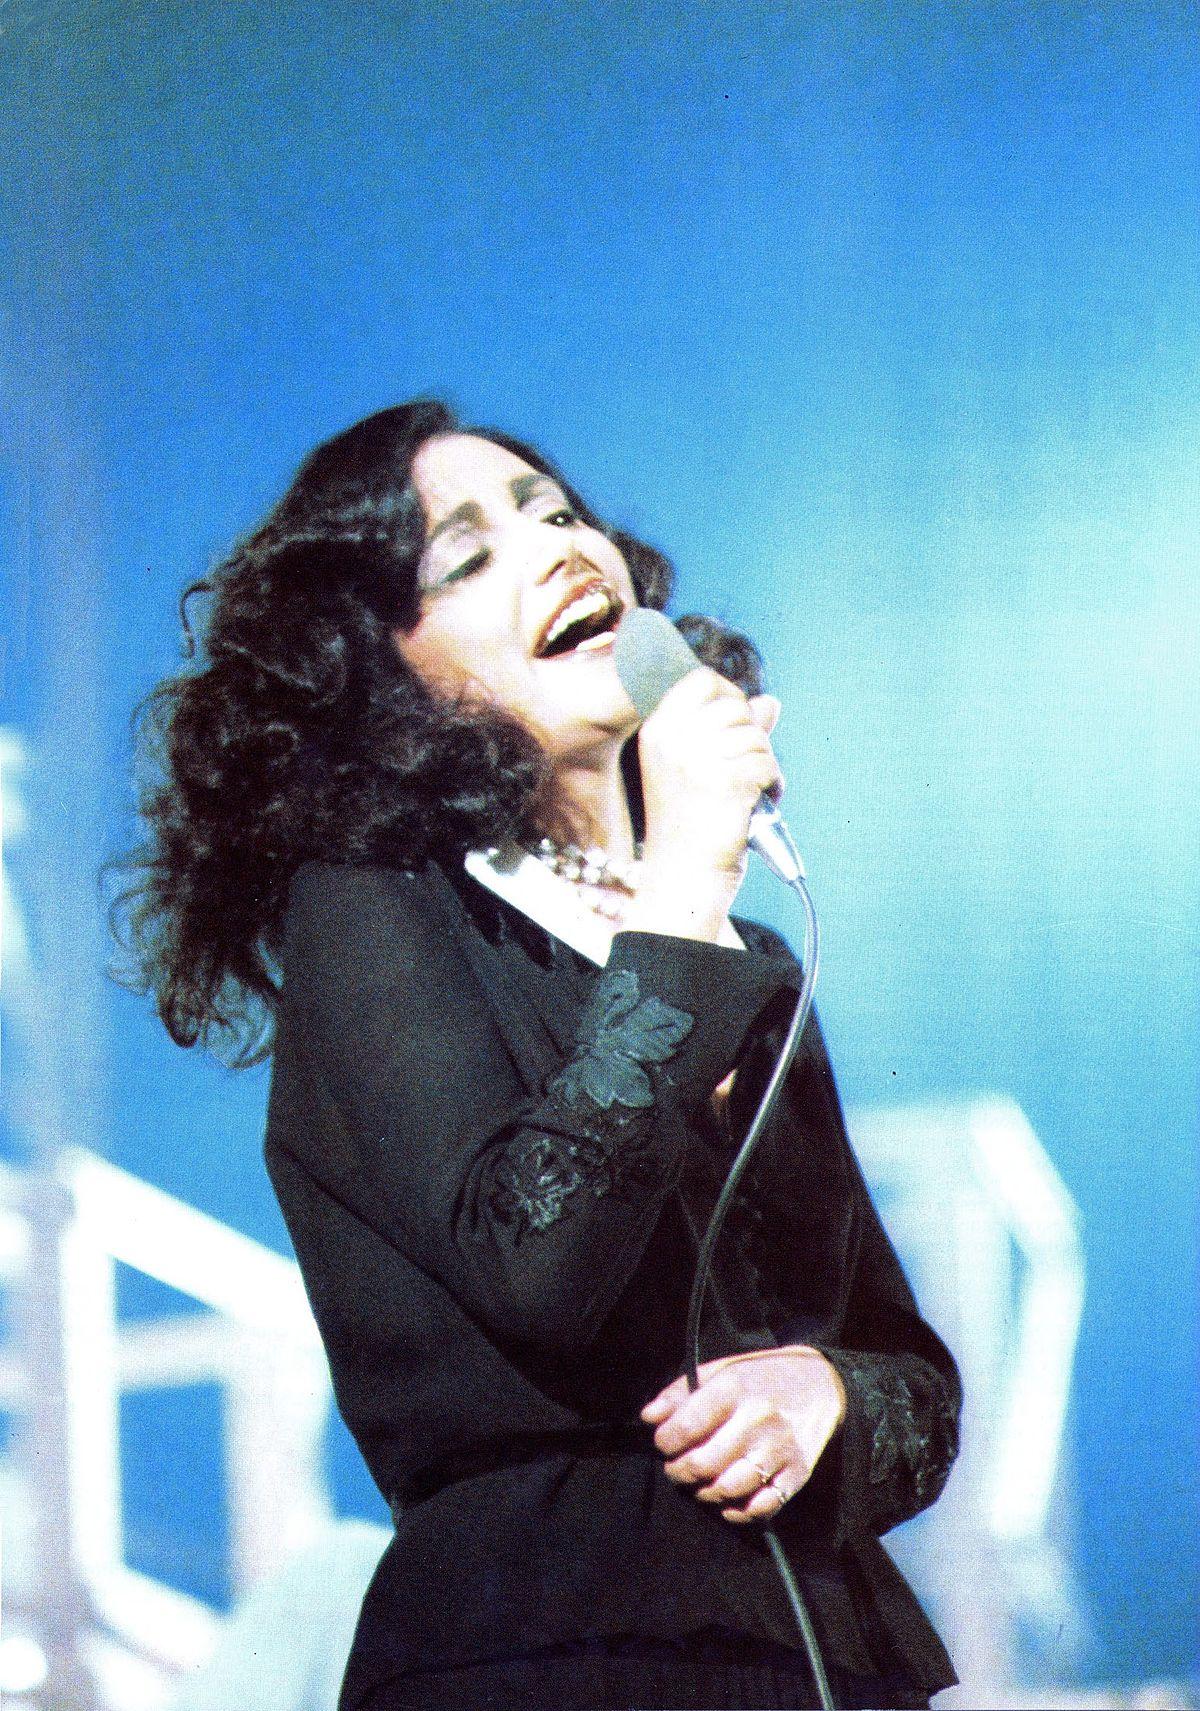 Discografia di Mia Martini - Wikipedia